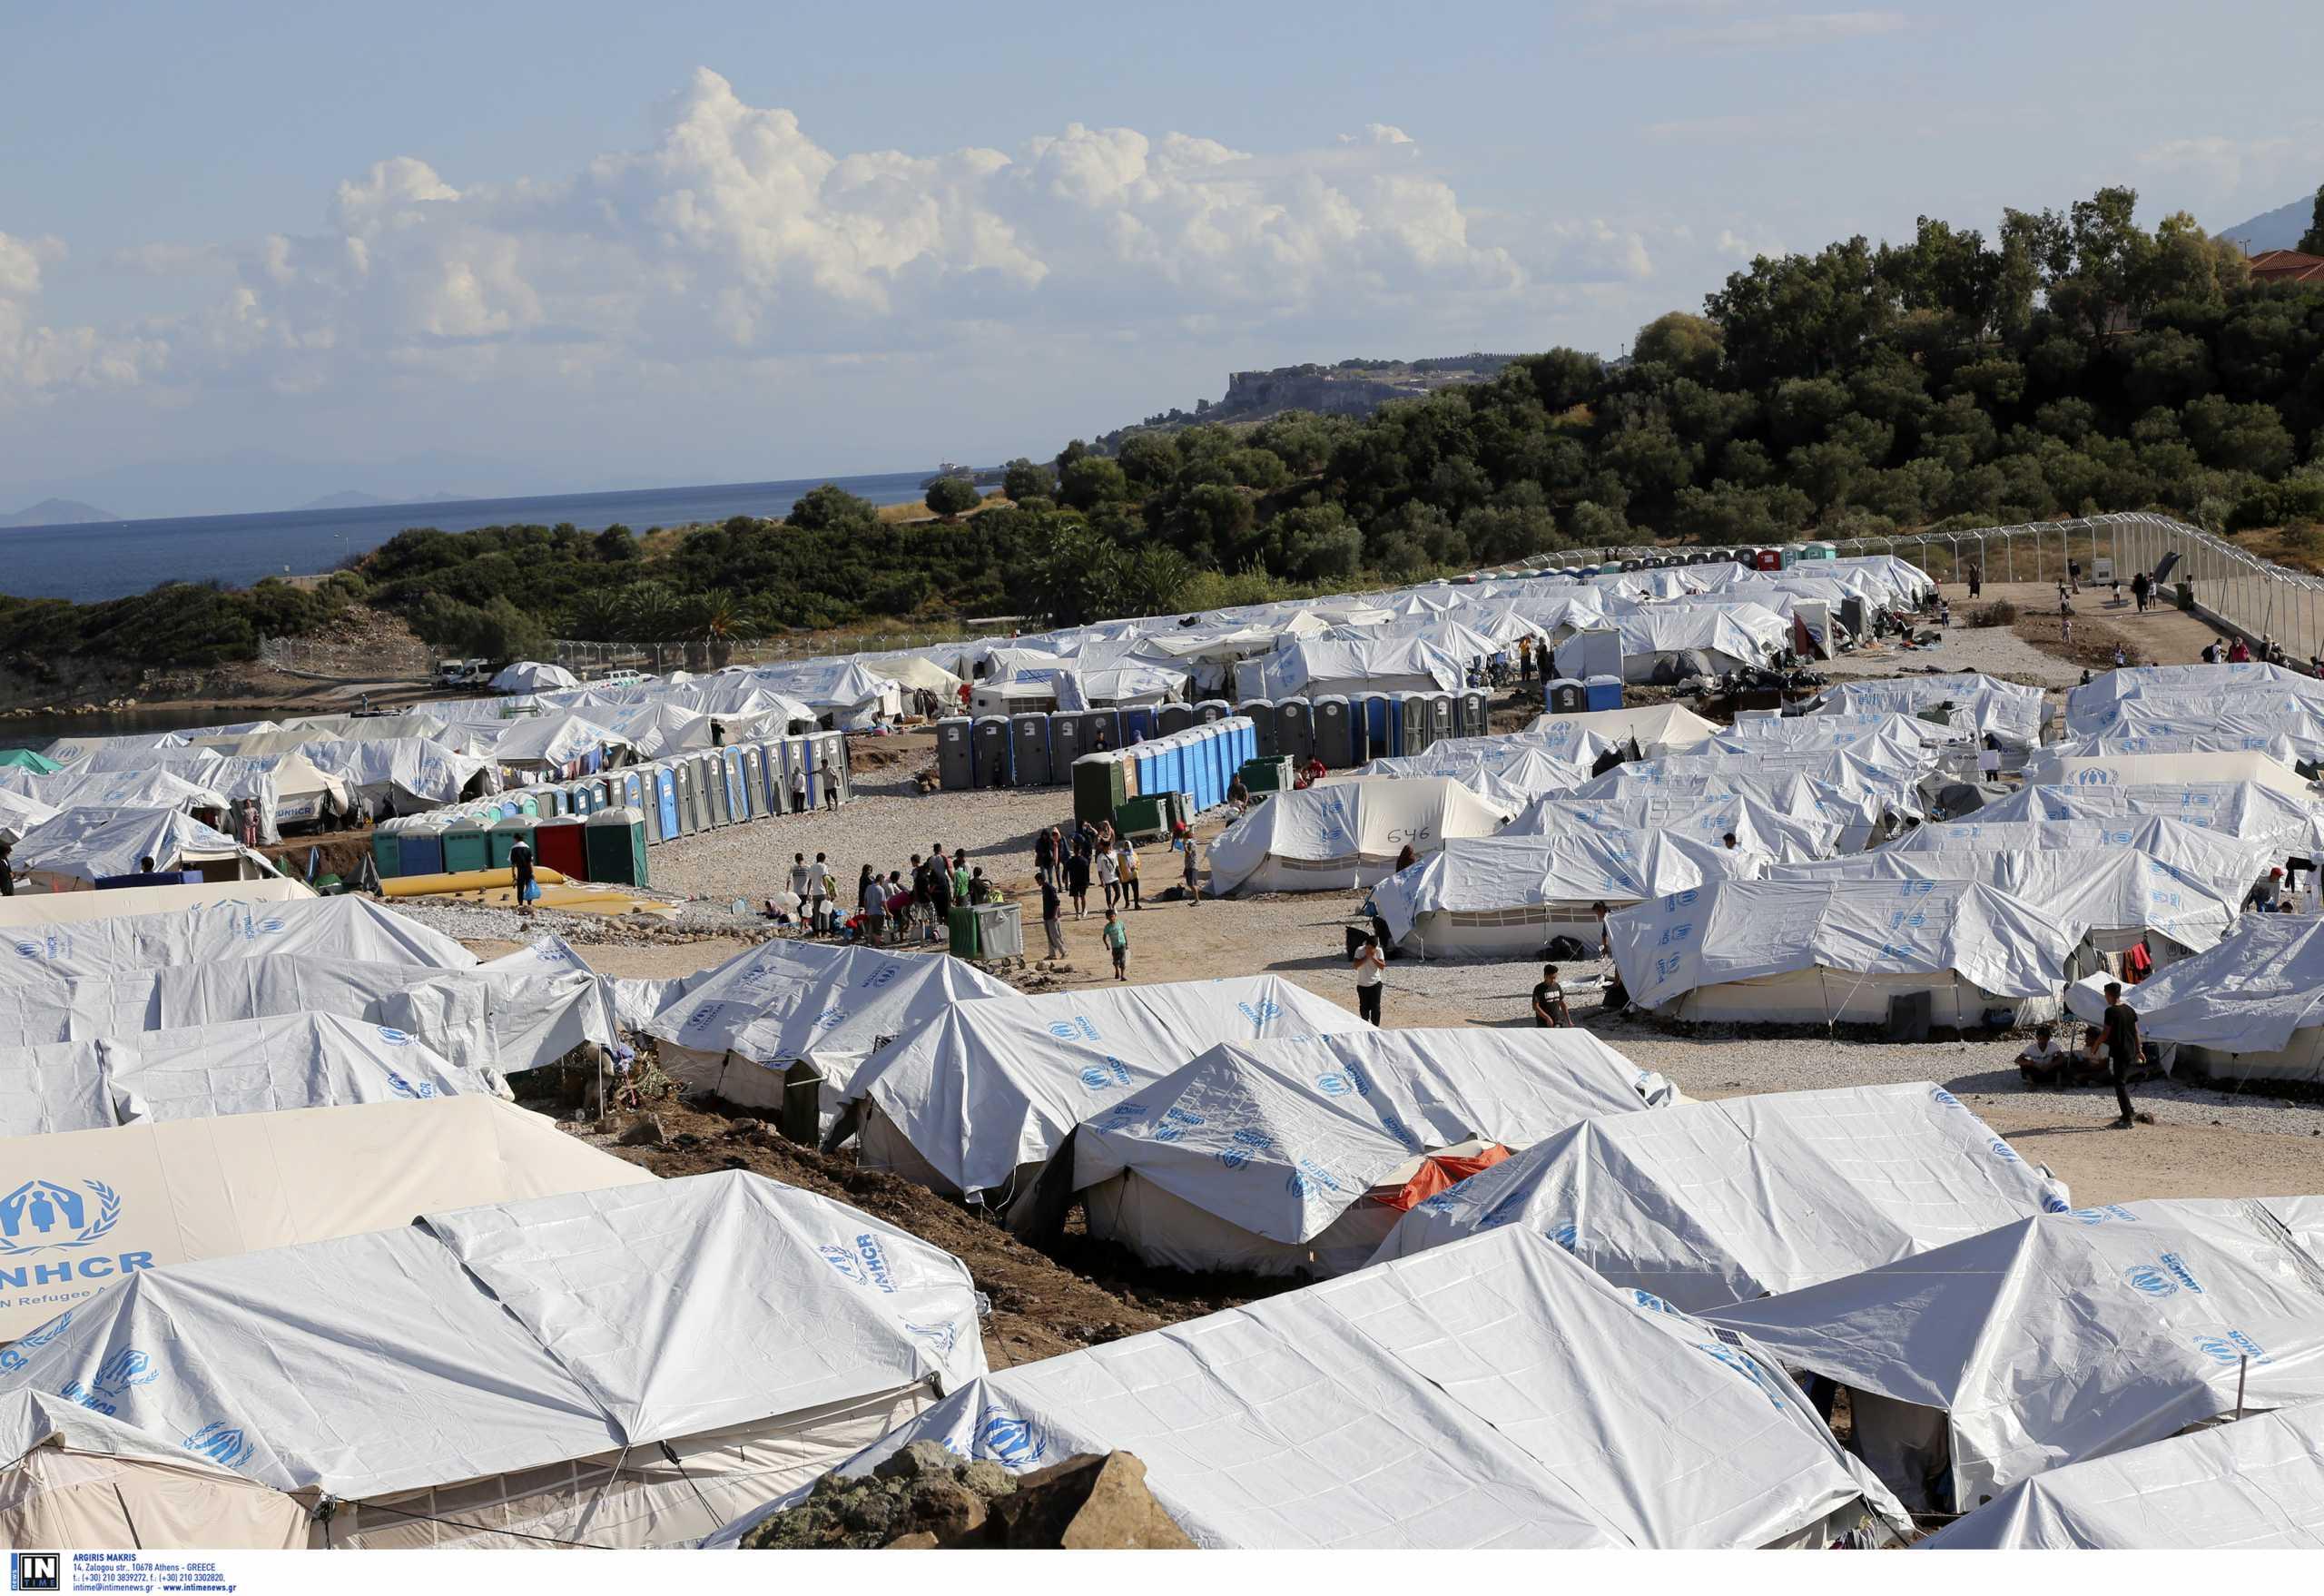 Καρά Τεπέ: Τι απαντά το υπ. Μετανάστευσης για την παρουσία μόλυβδου στο Κέντρο Υποδοχής